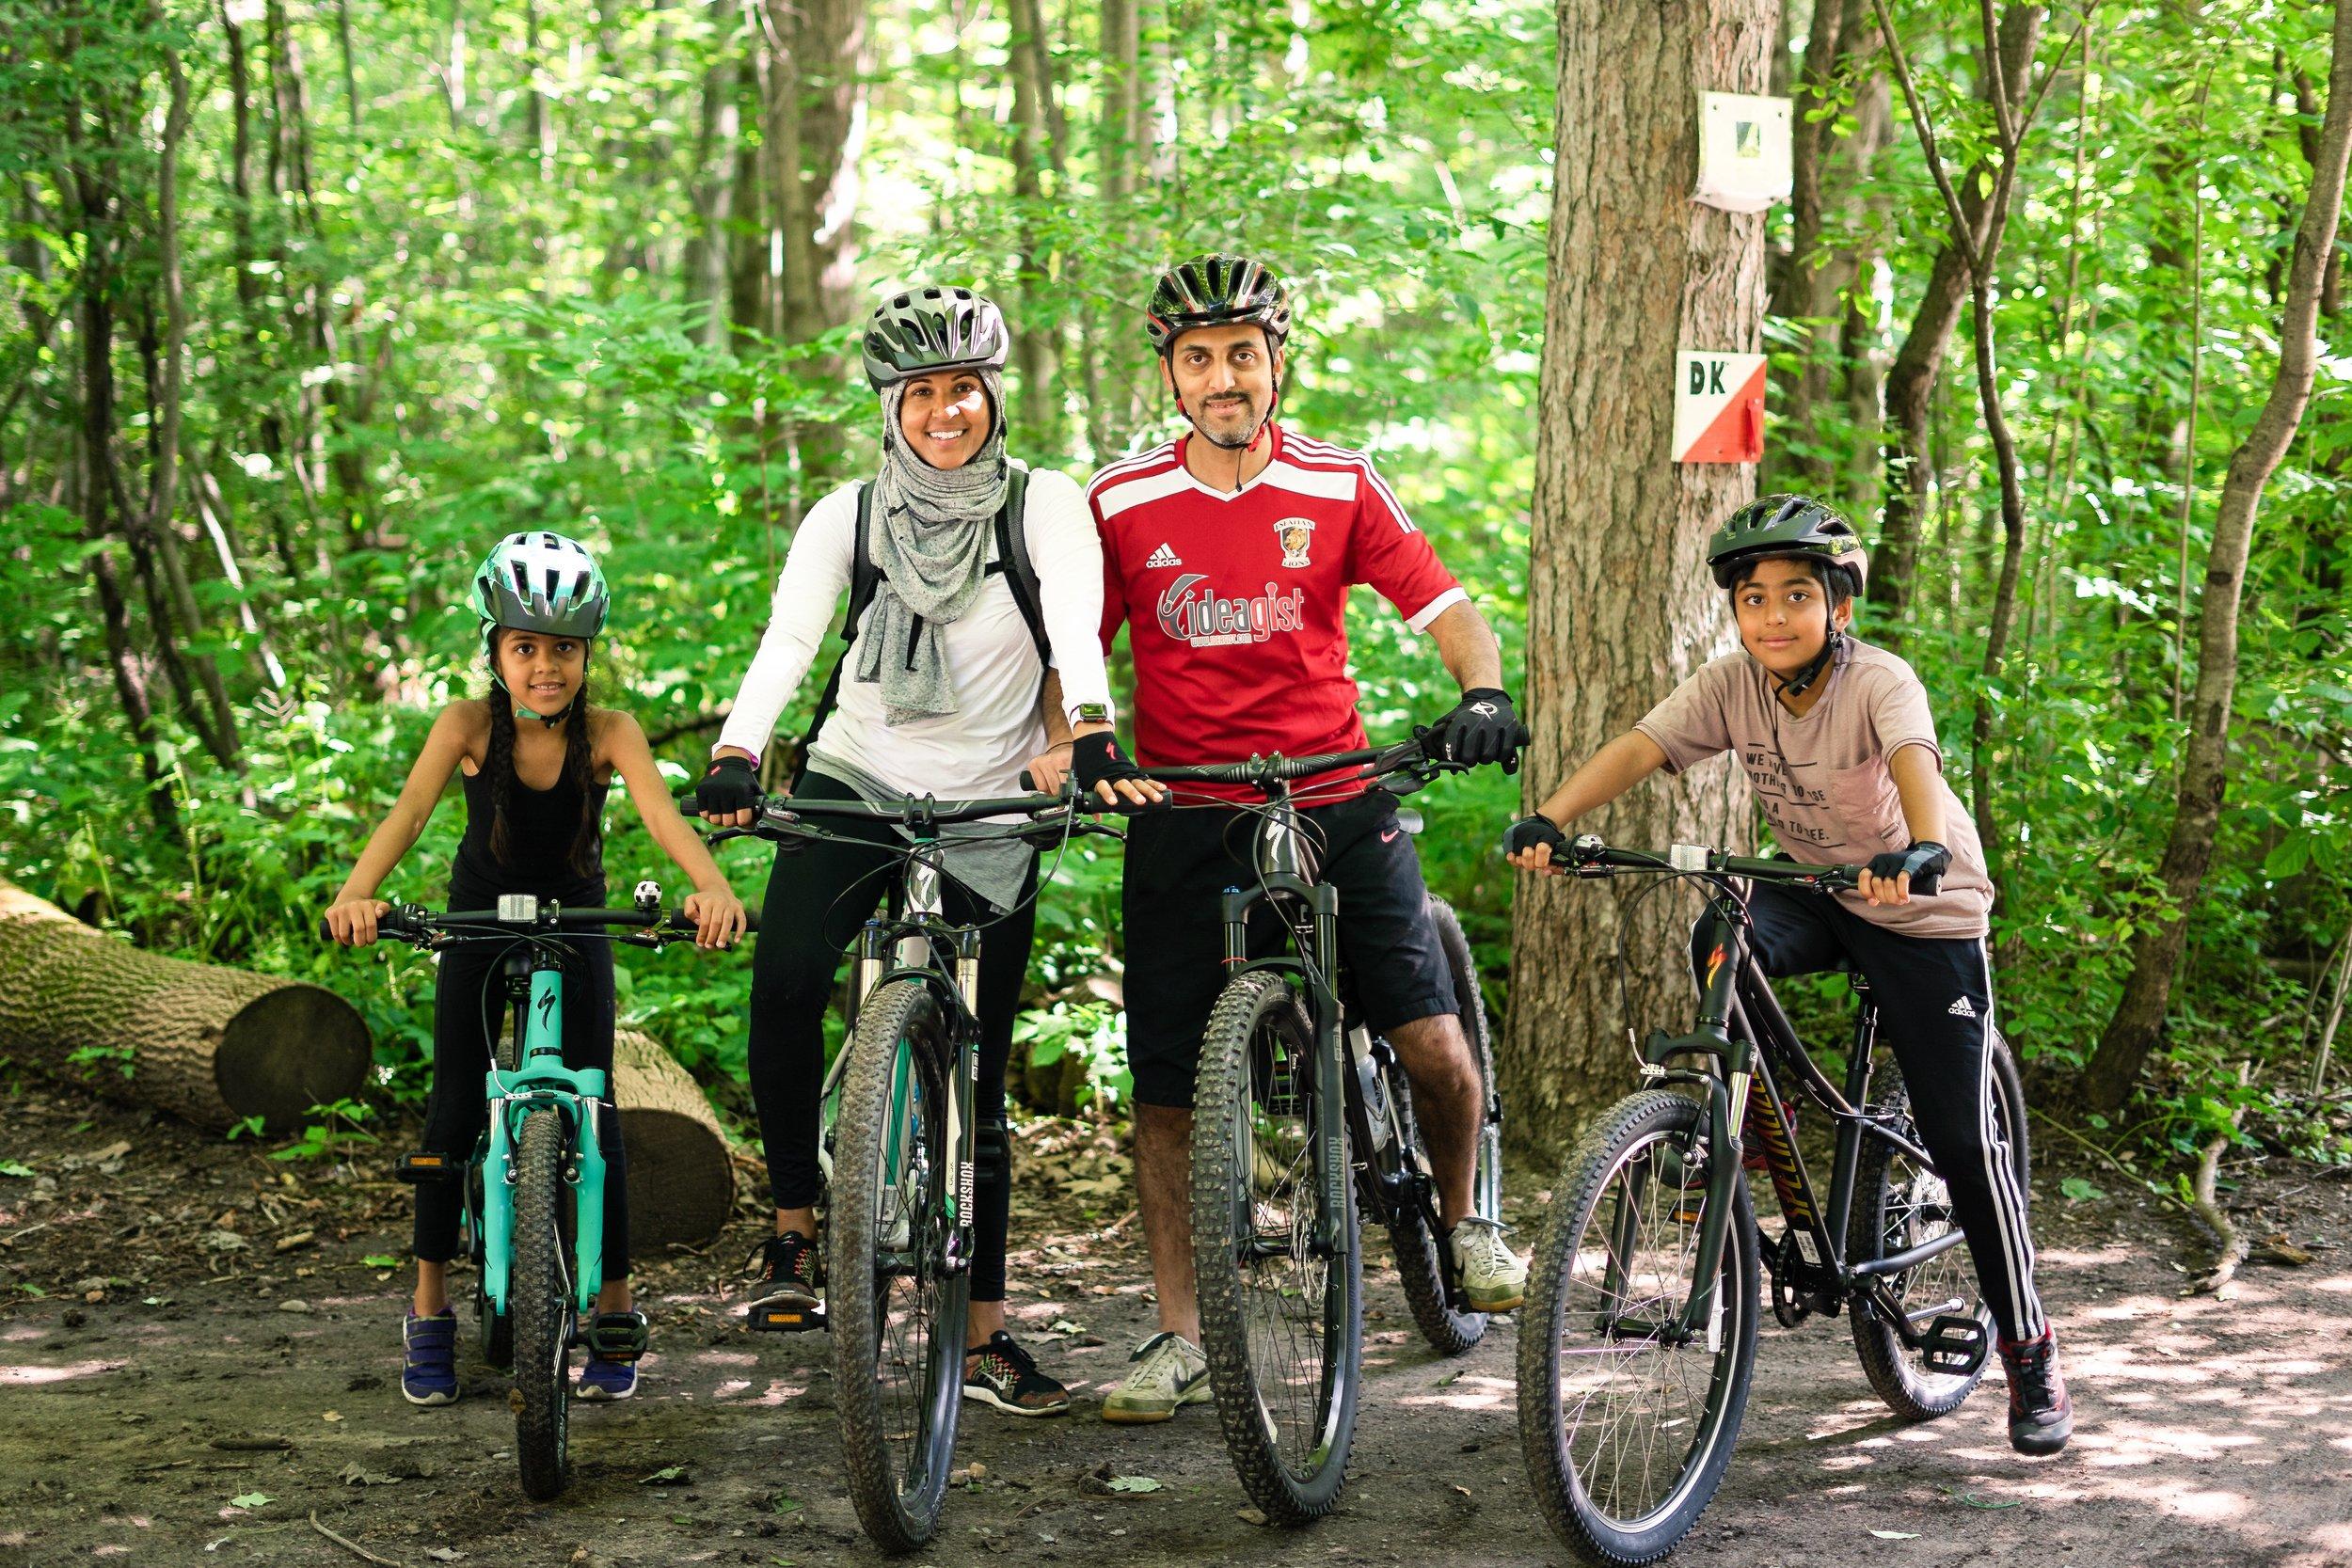 Family Bike pic.JPEG